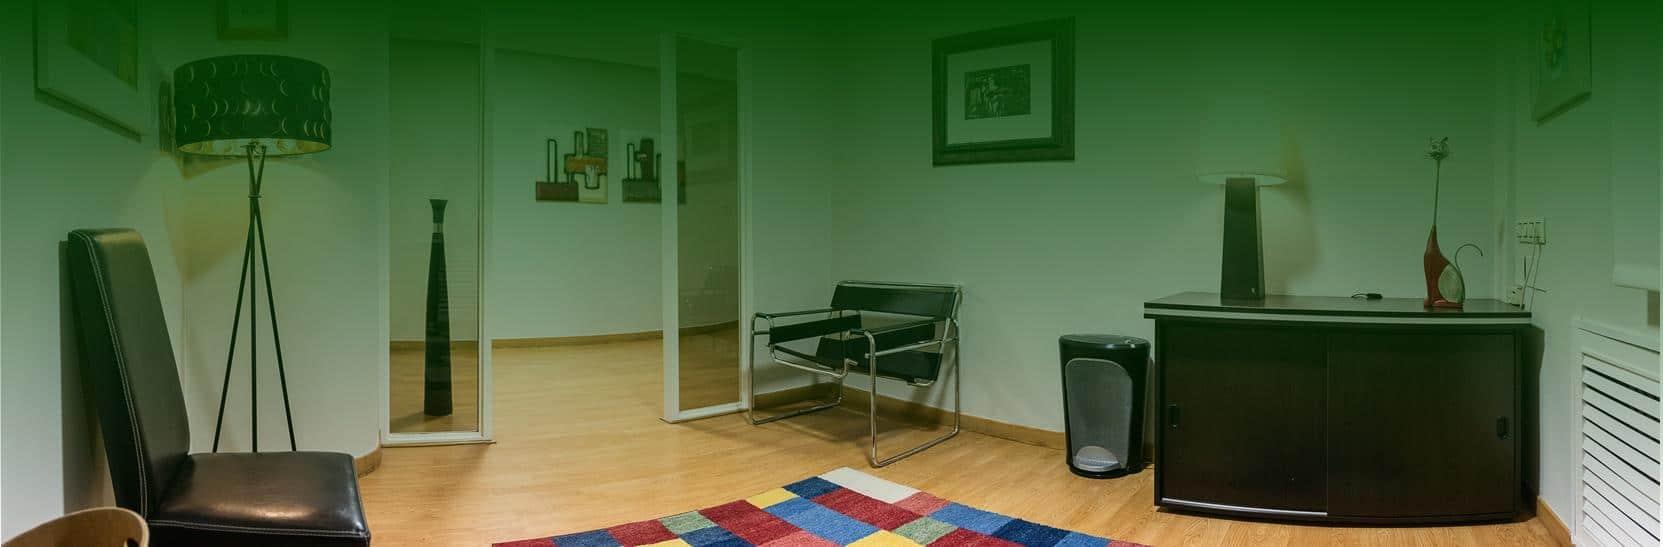 Sala de espera de Clínica Psicología Ana MAría Rodríguez en Oviedo, Asturias